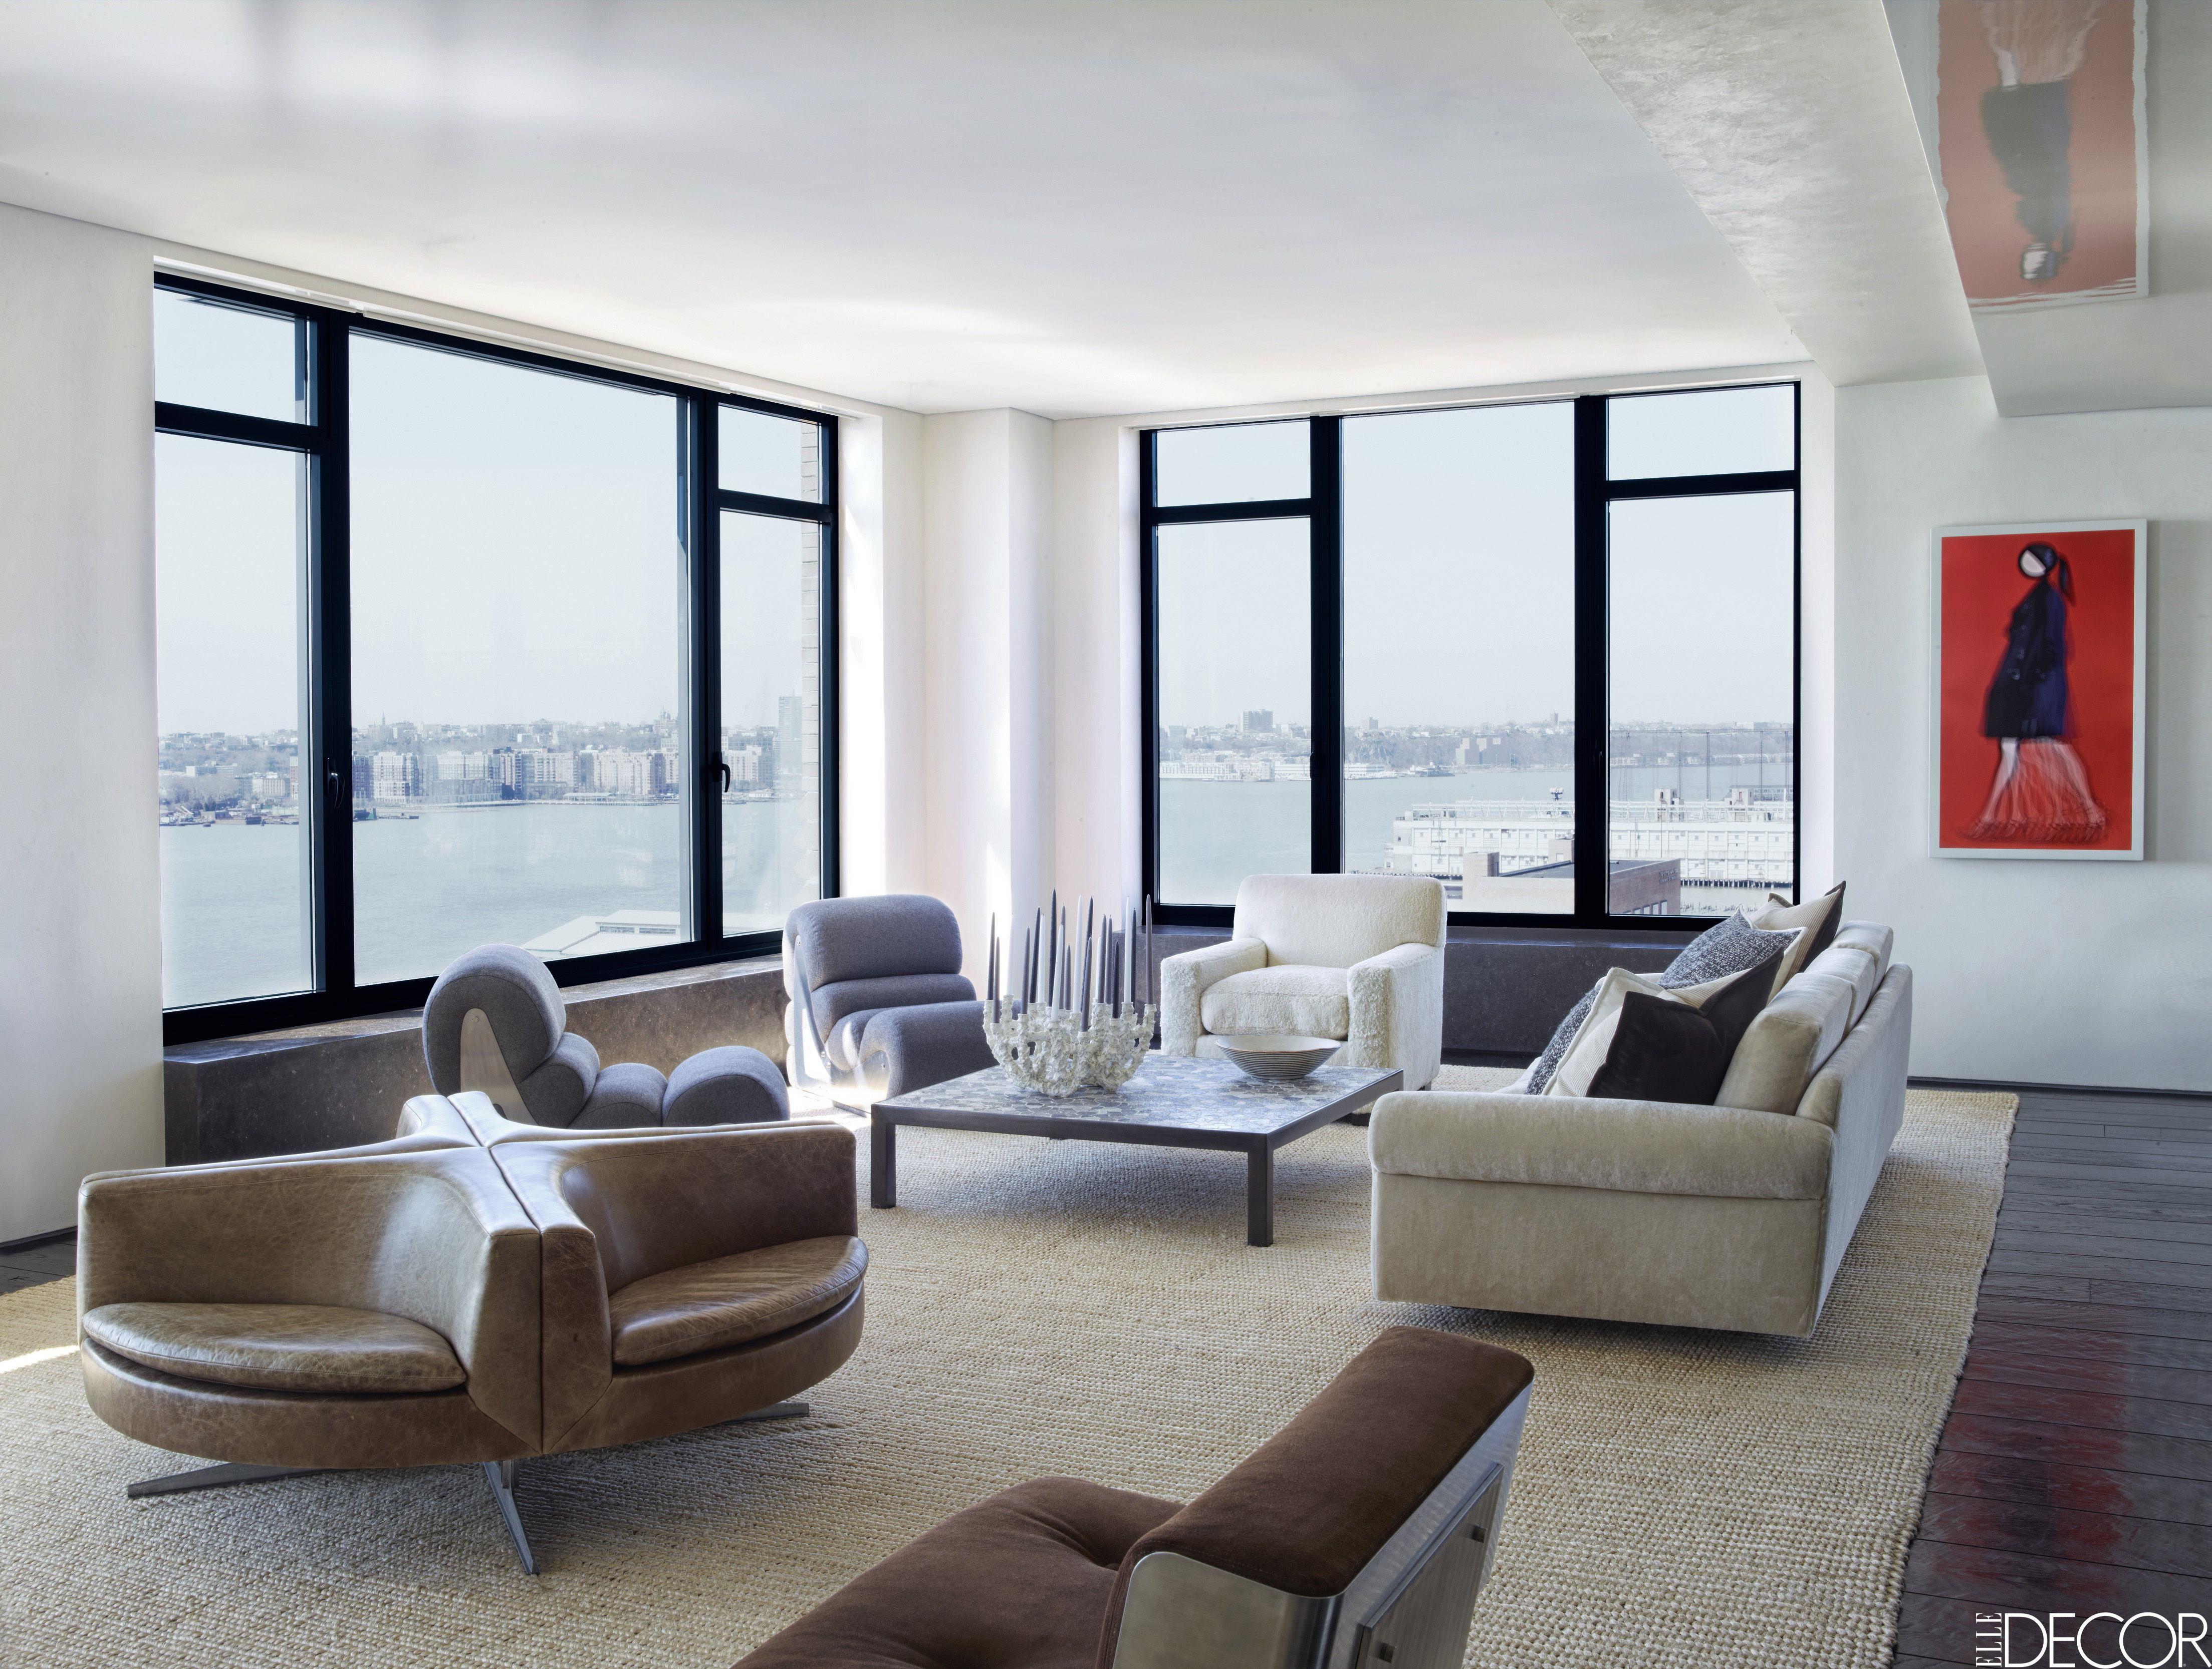 25 minimalist living rooms minimalist furniture ideas for living roomsbest living room ideas beautiful living room decor